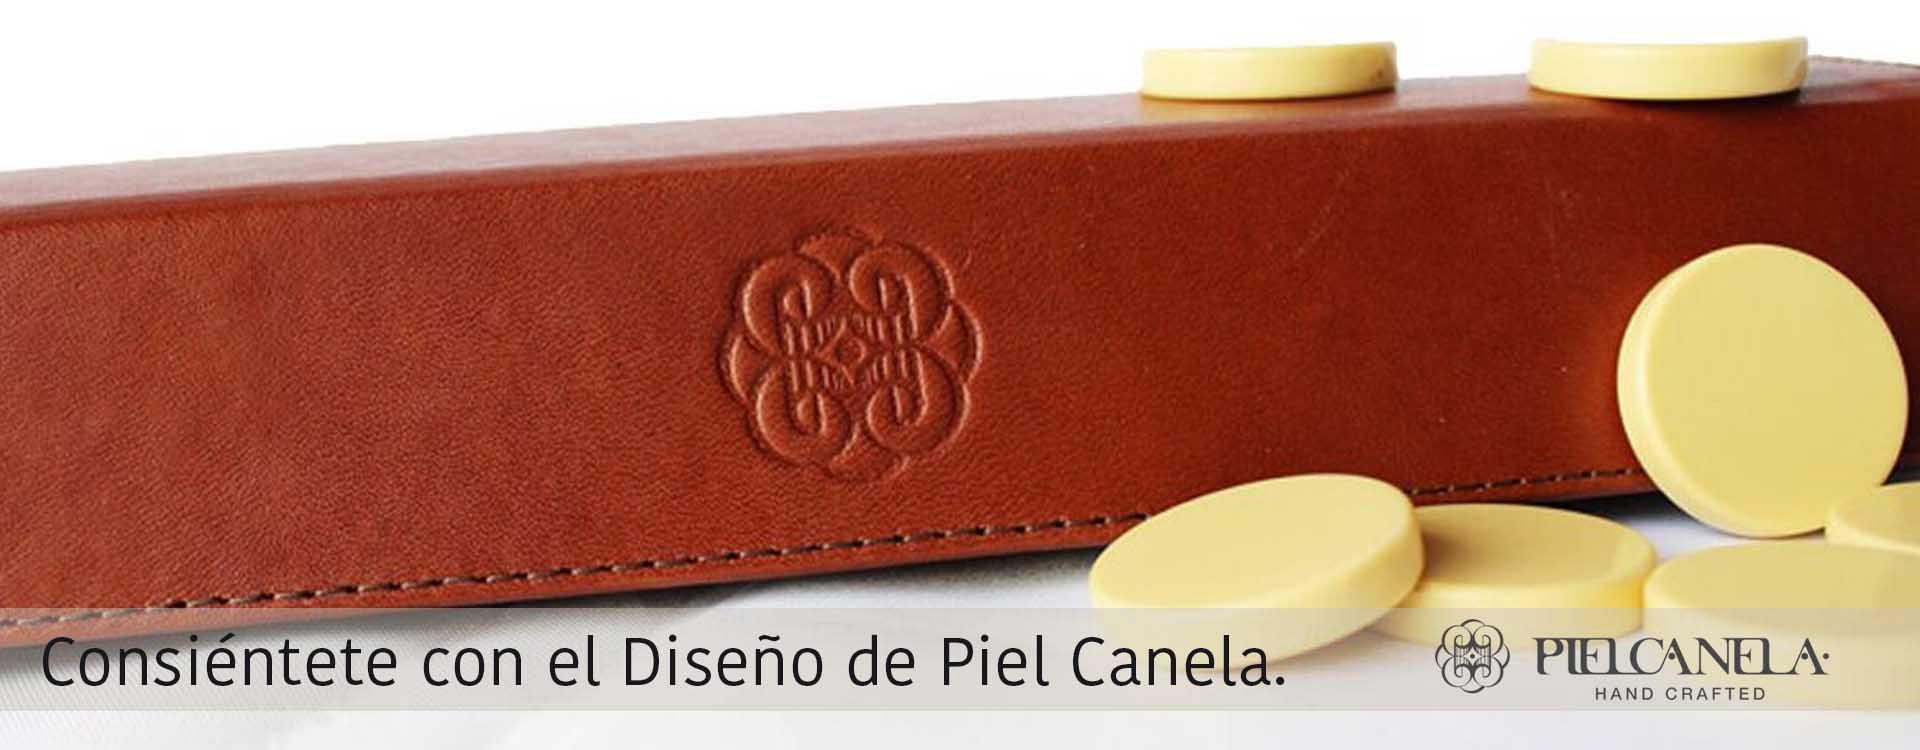 Piel Canela Juegos de Mesa, alto diseño en artículos finos de piel